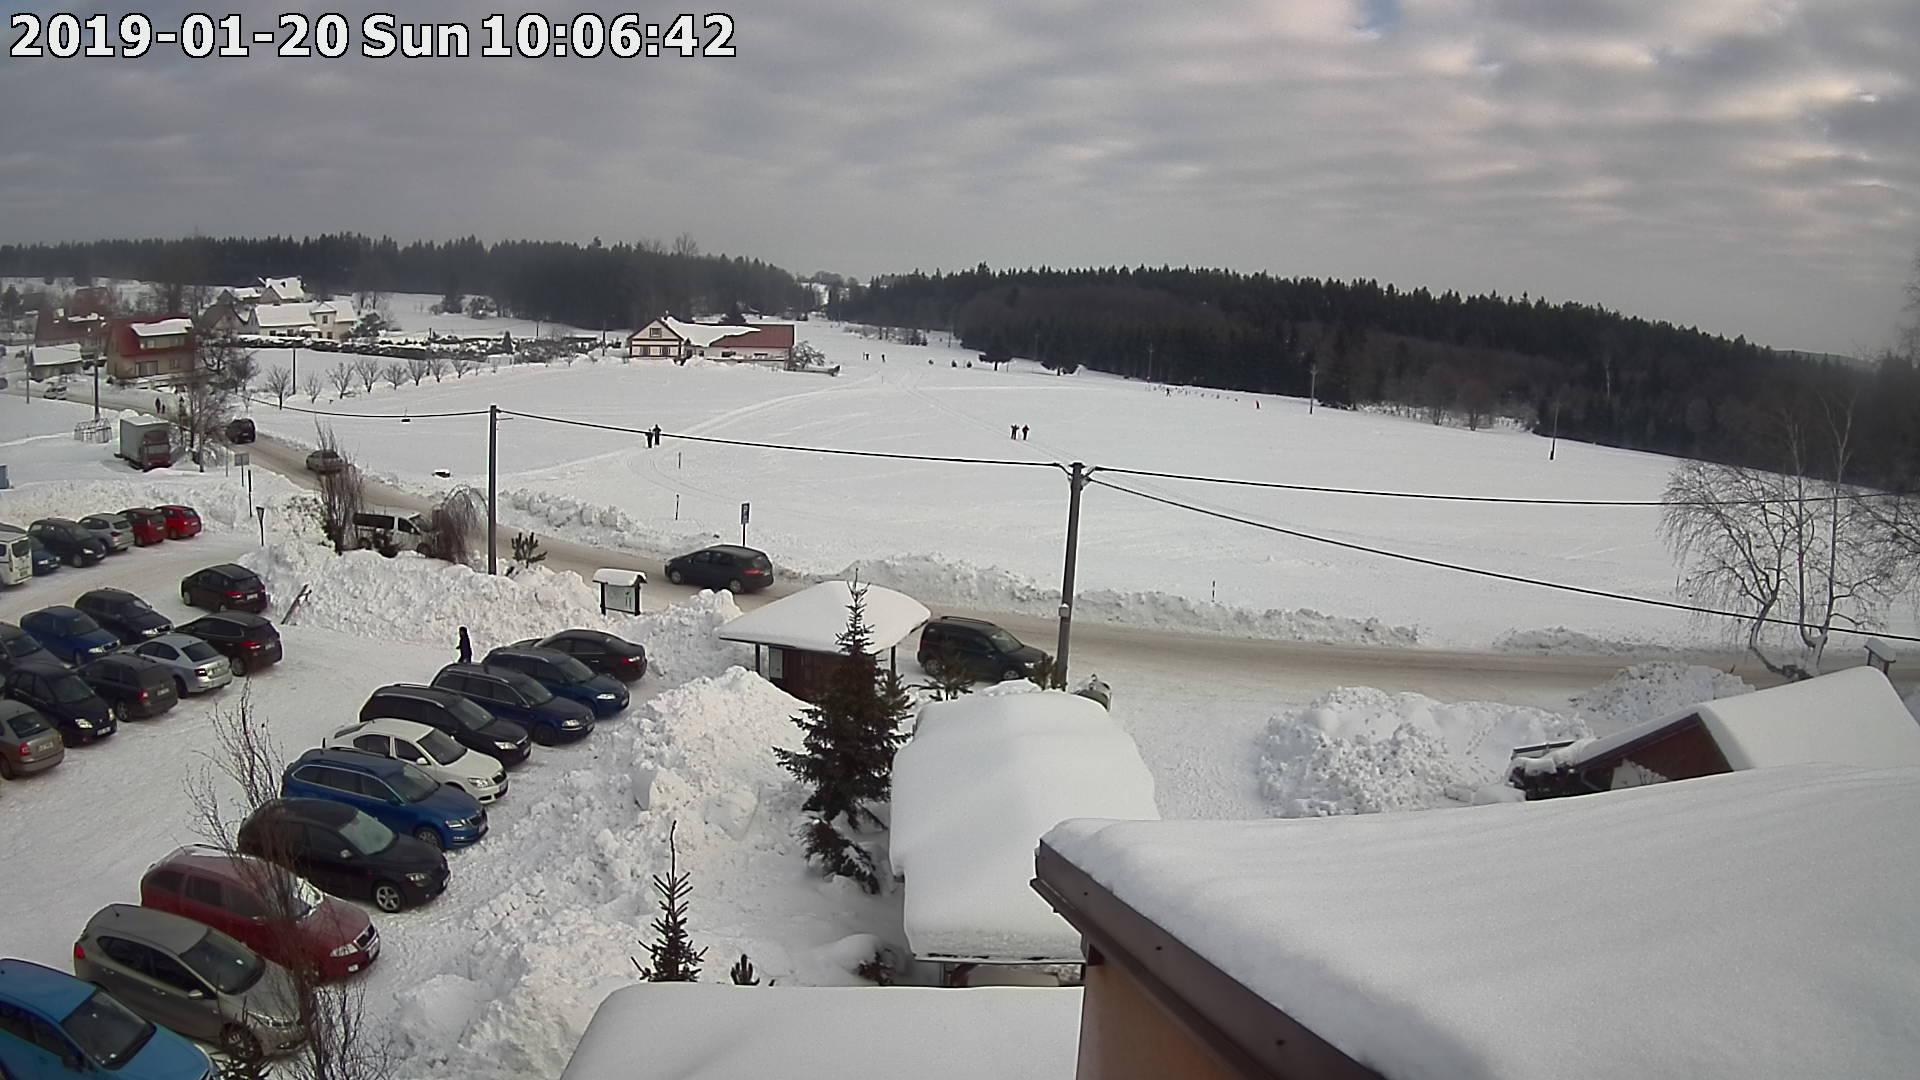 Webkamera ze dne 2019-01-20